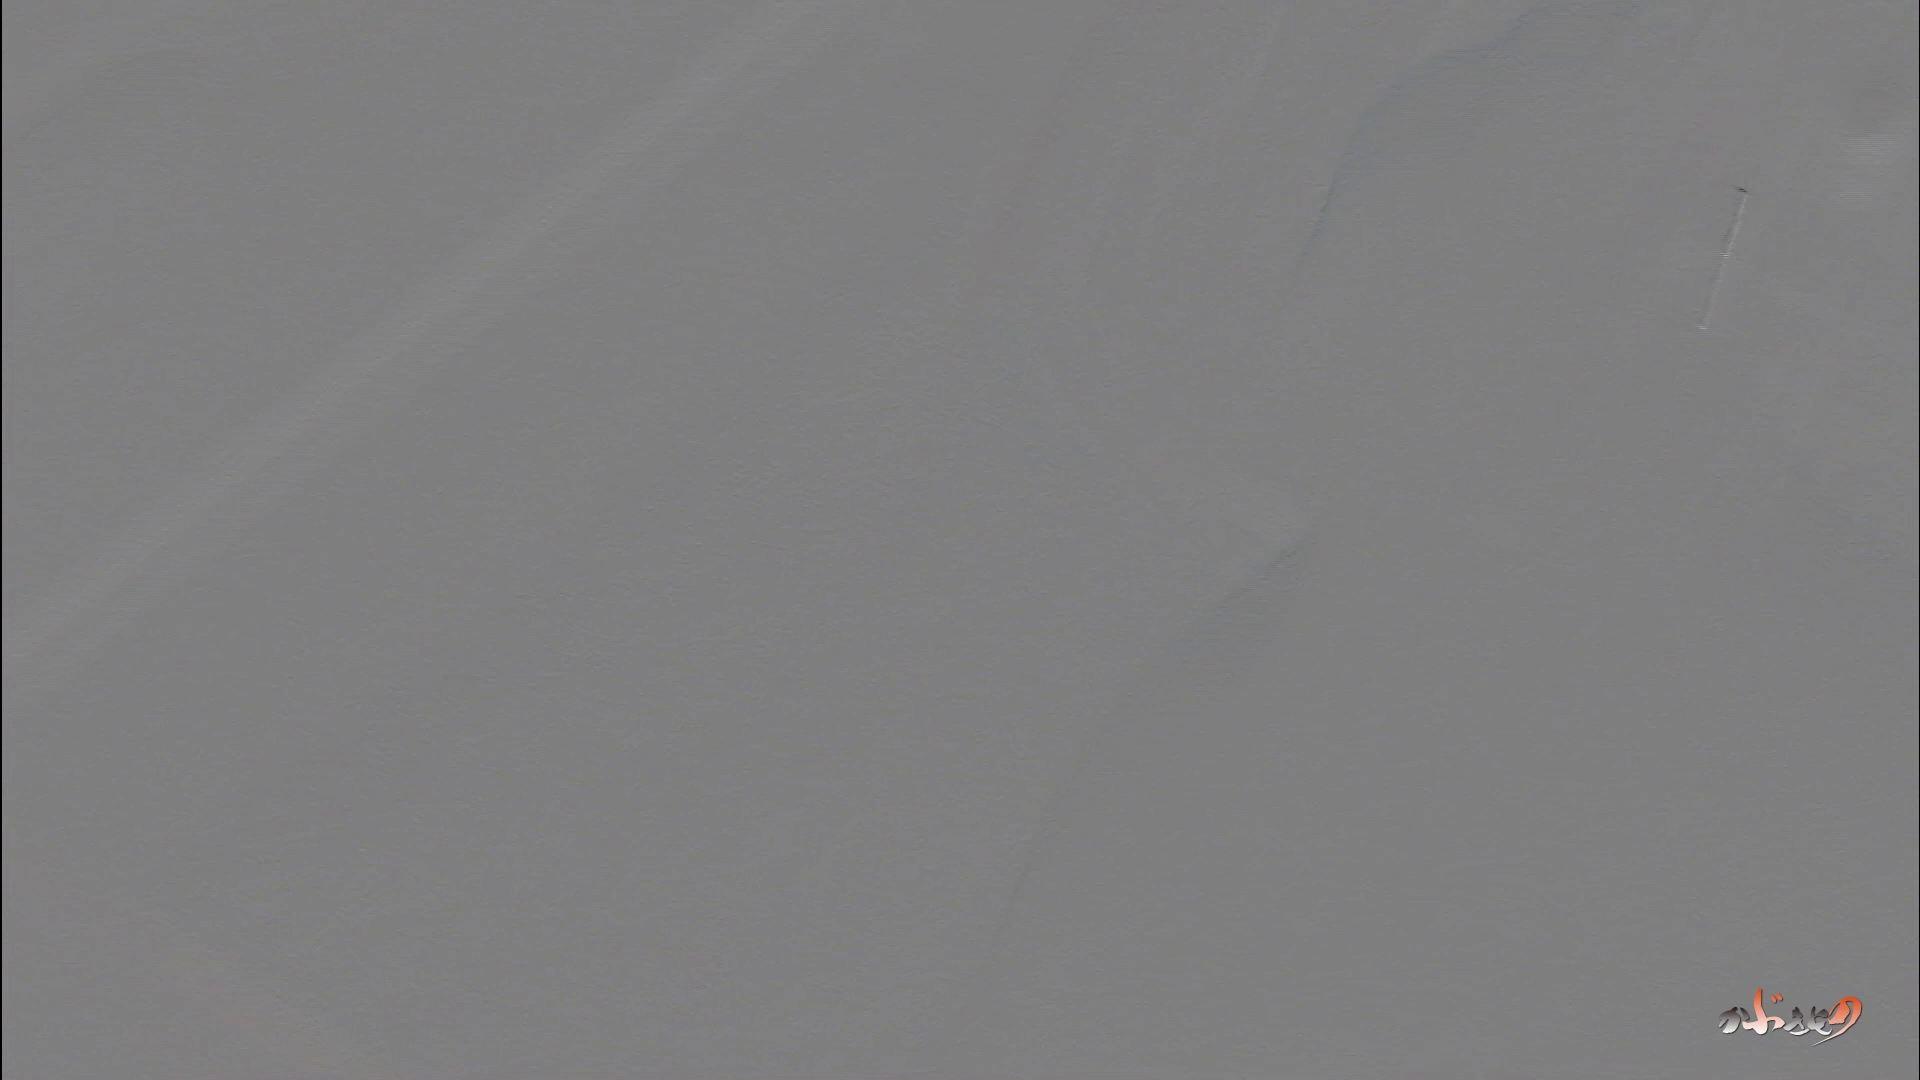 色情狂 「無料」サンプル01 素人まとめ エロ画像 98画像 71